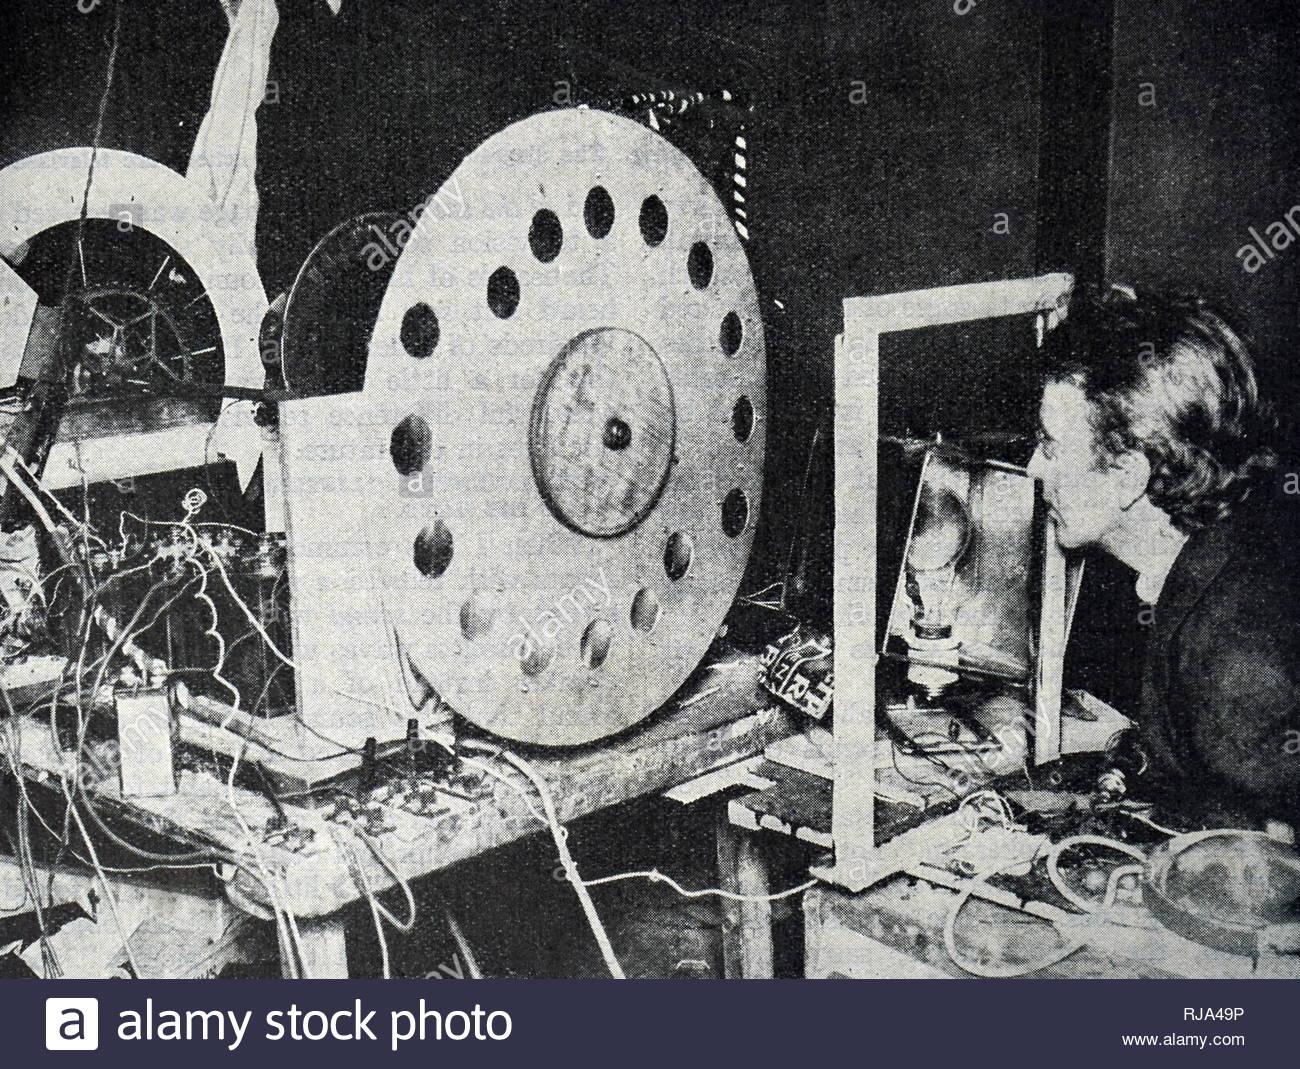 Foto von John Logie Baird (1888-1946) ein schottischer Ingenieur, Innovator, einer der Erfinder der mechanischen Fernsehen. Vom 20. Jahrhundert Stockbild